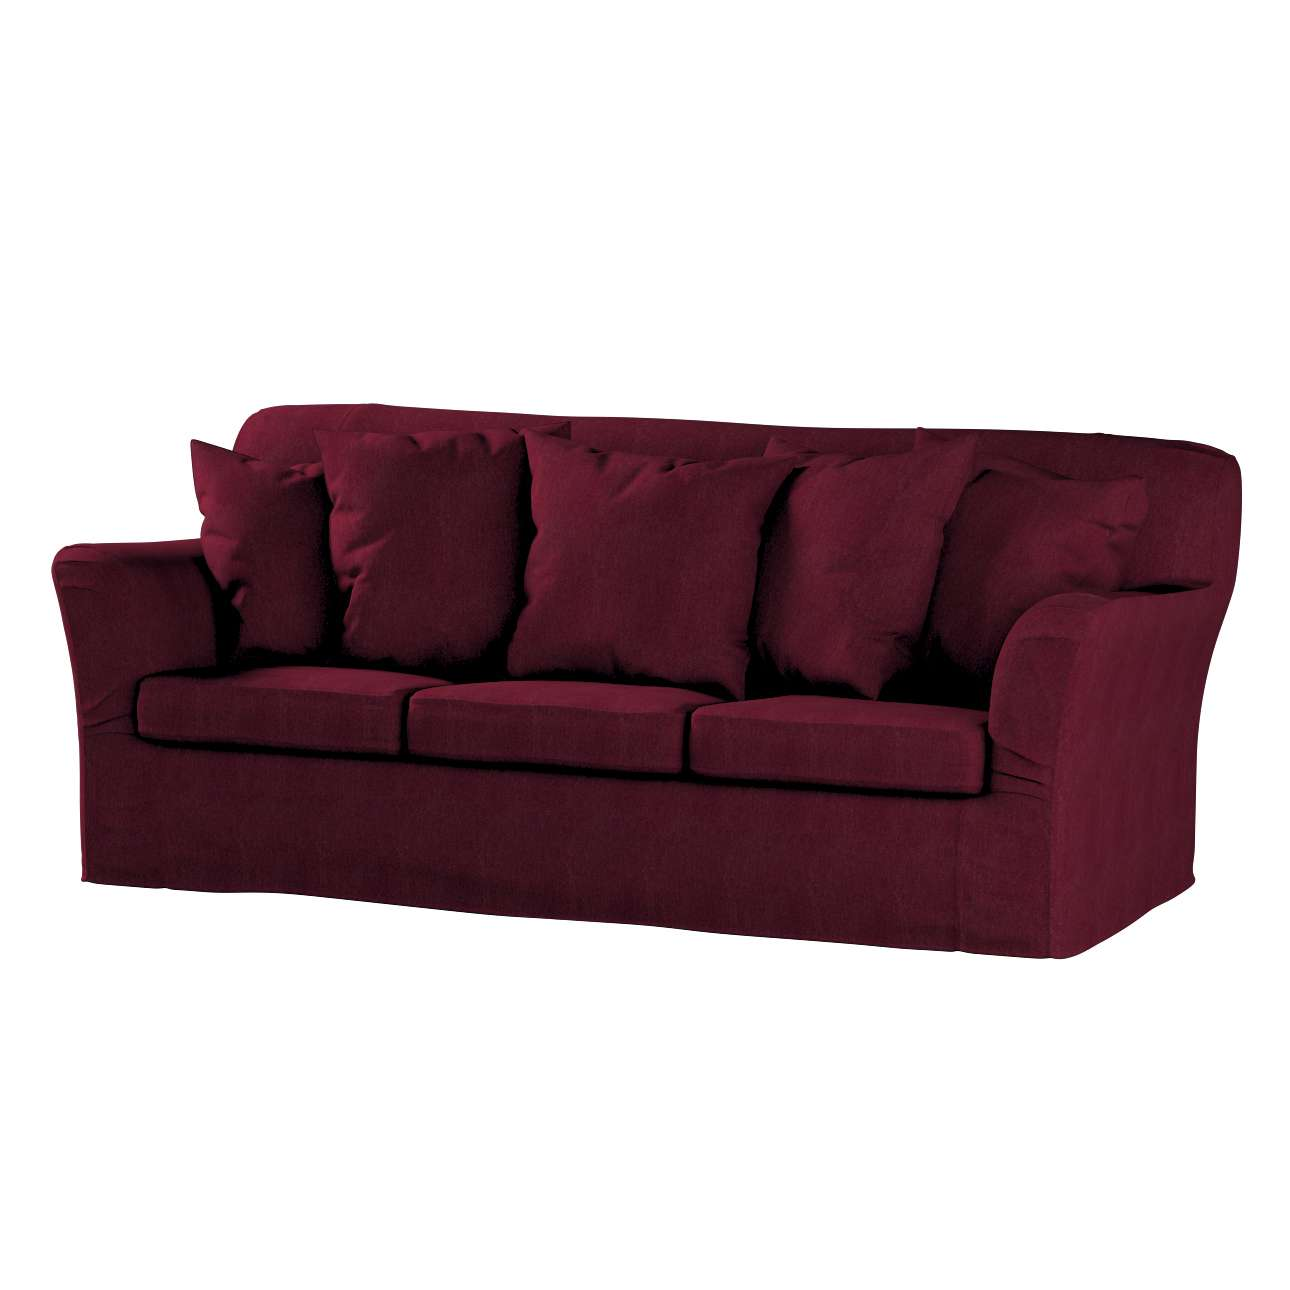 Pokrowiec na sofę Tomelilla 3-osobową nierozkładaną Sofa Tomelilla 3-osobowa w kolekcji Chenille, tkanina: 702-19